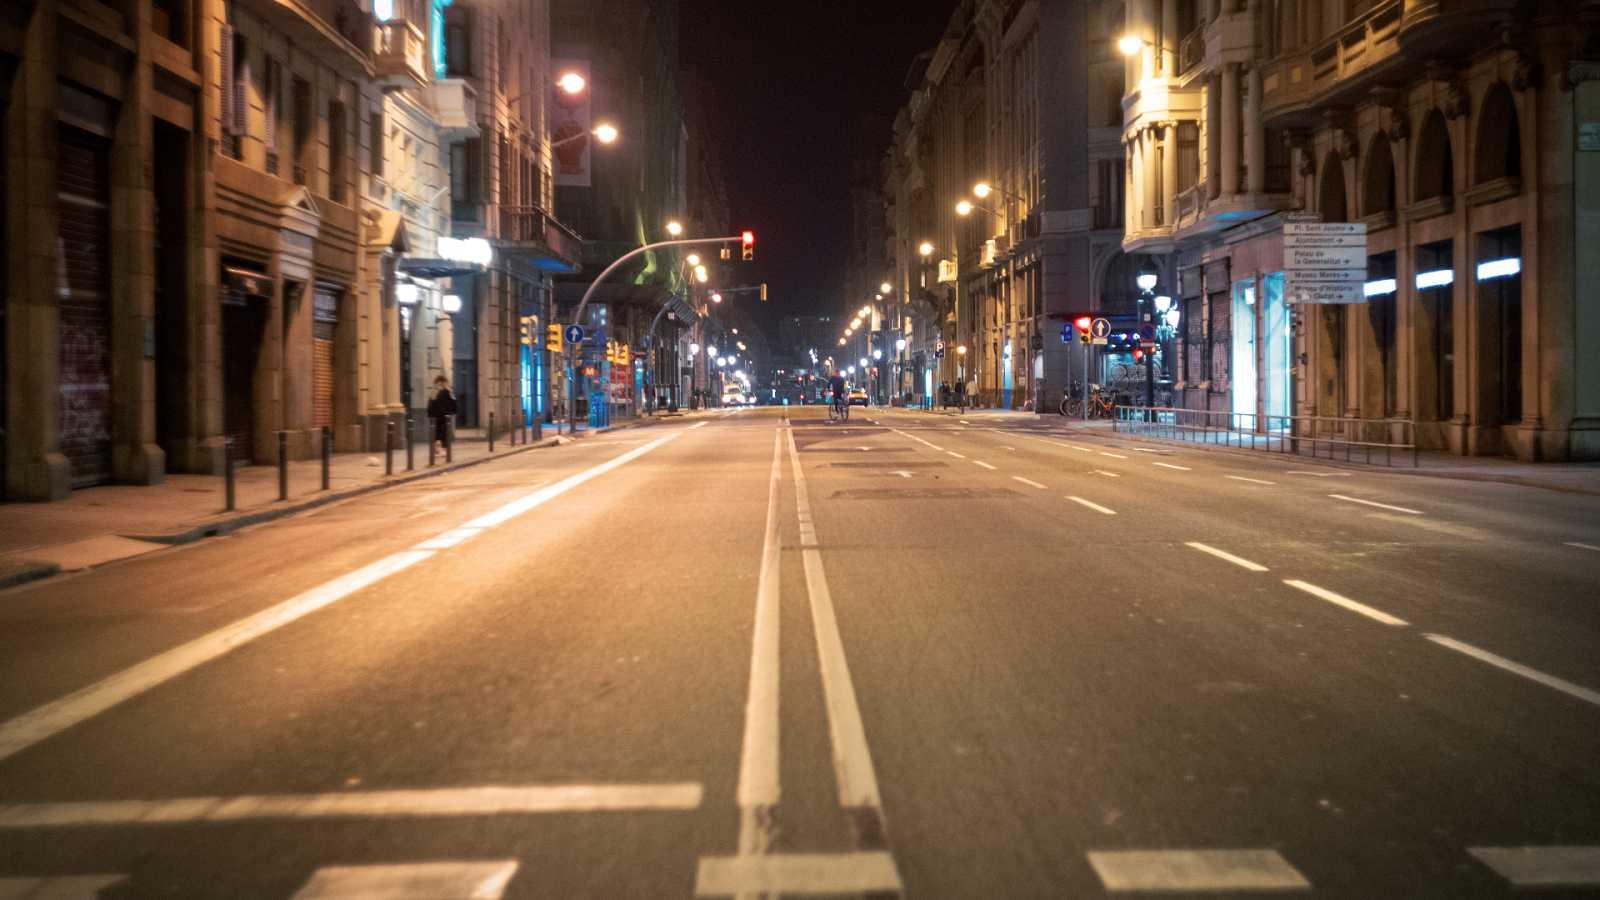 Una calle vacía por la noche debido al toque de queda